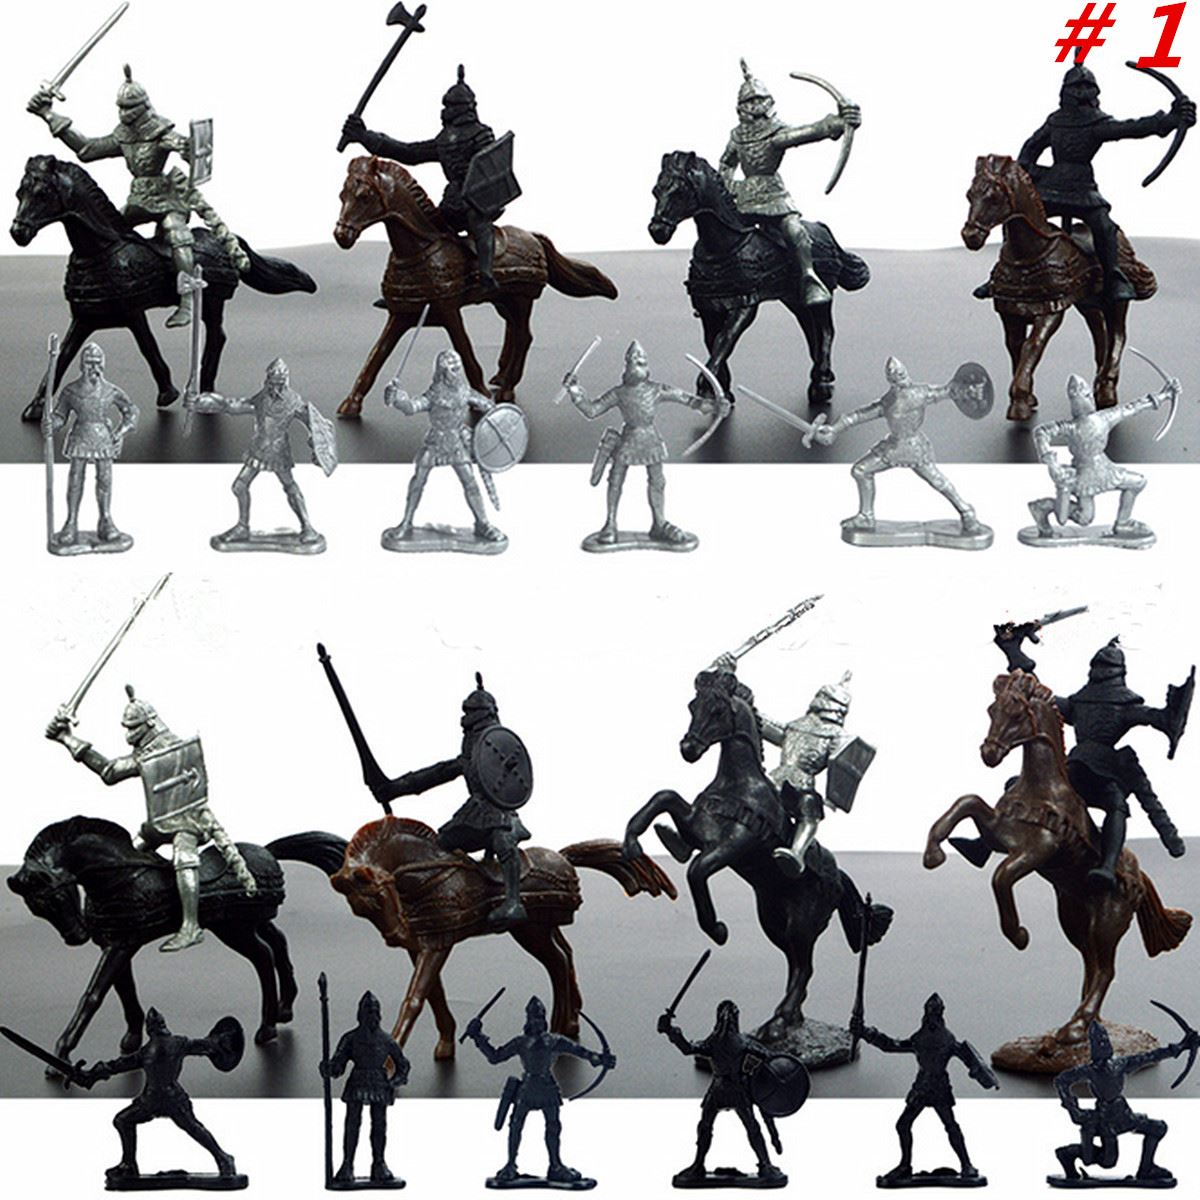 28 unids/set s Guerrero caballos Medieval soldados de juguete figuras de Juego Mini modelo juguetes regalo decoración para niños adultos